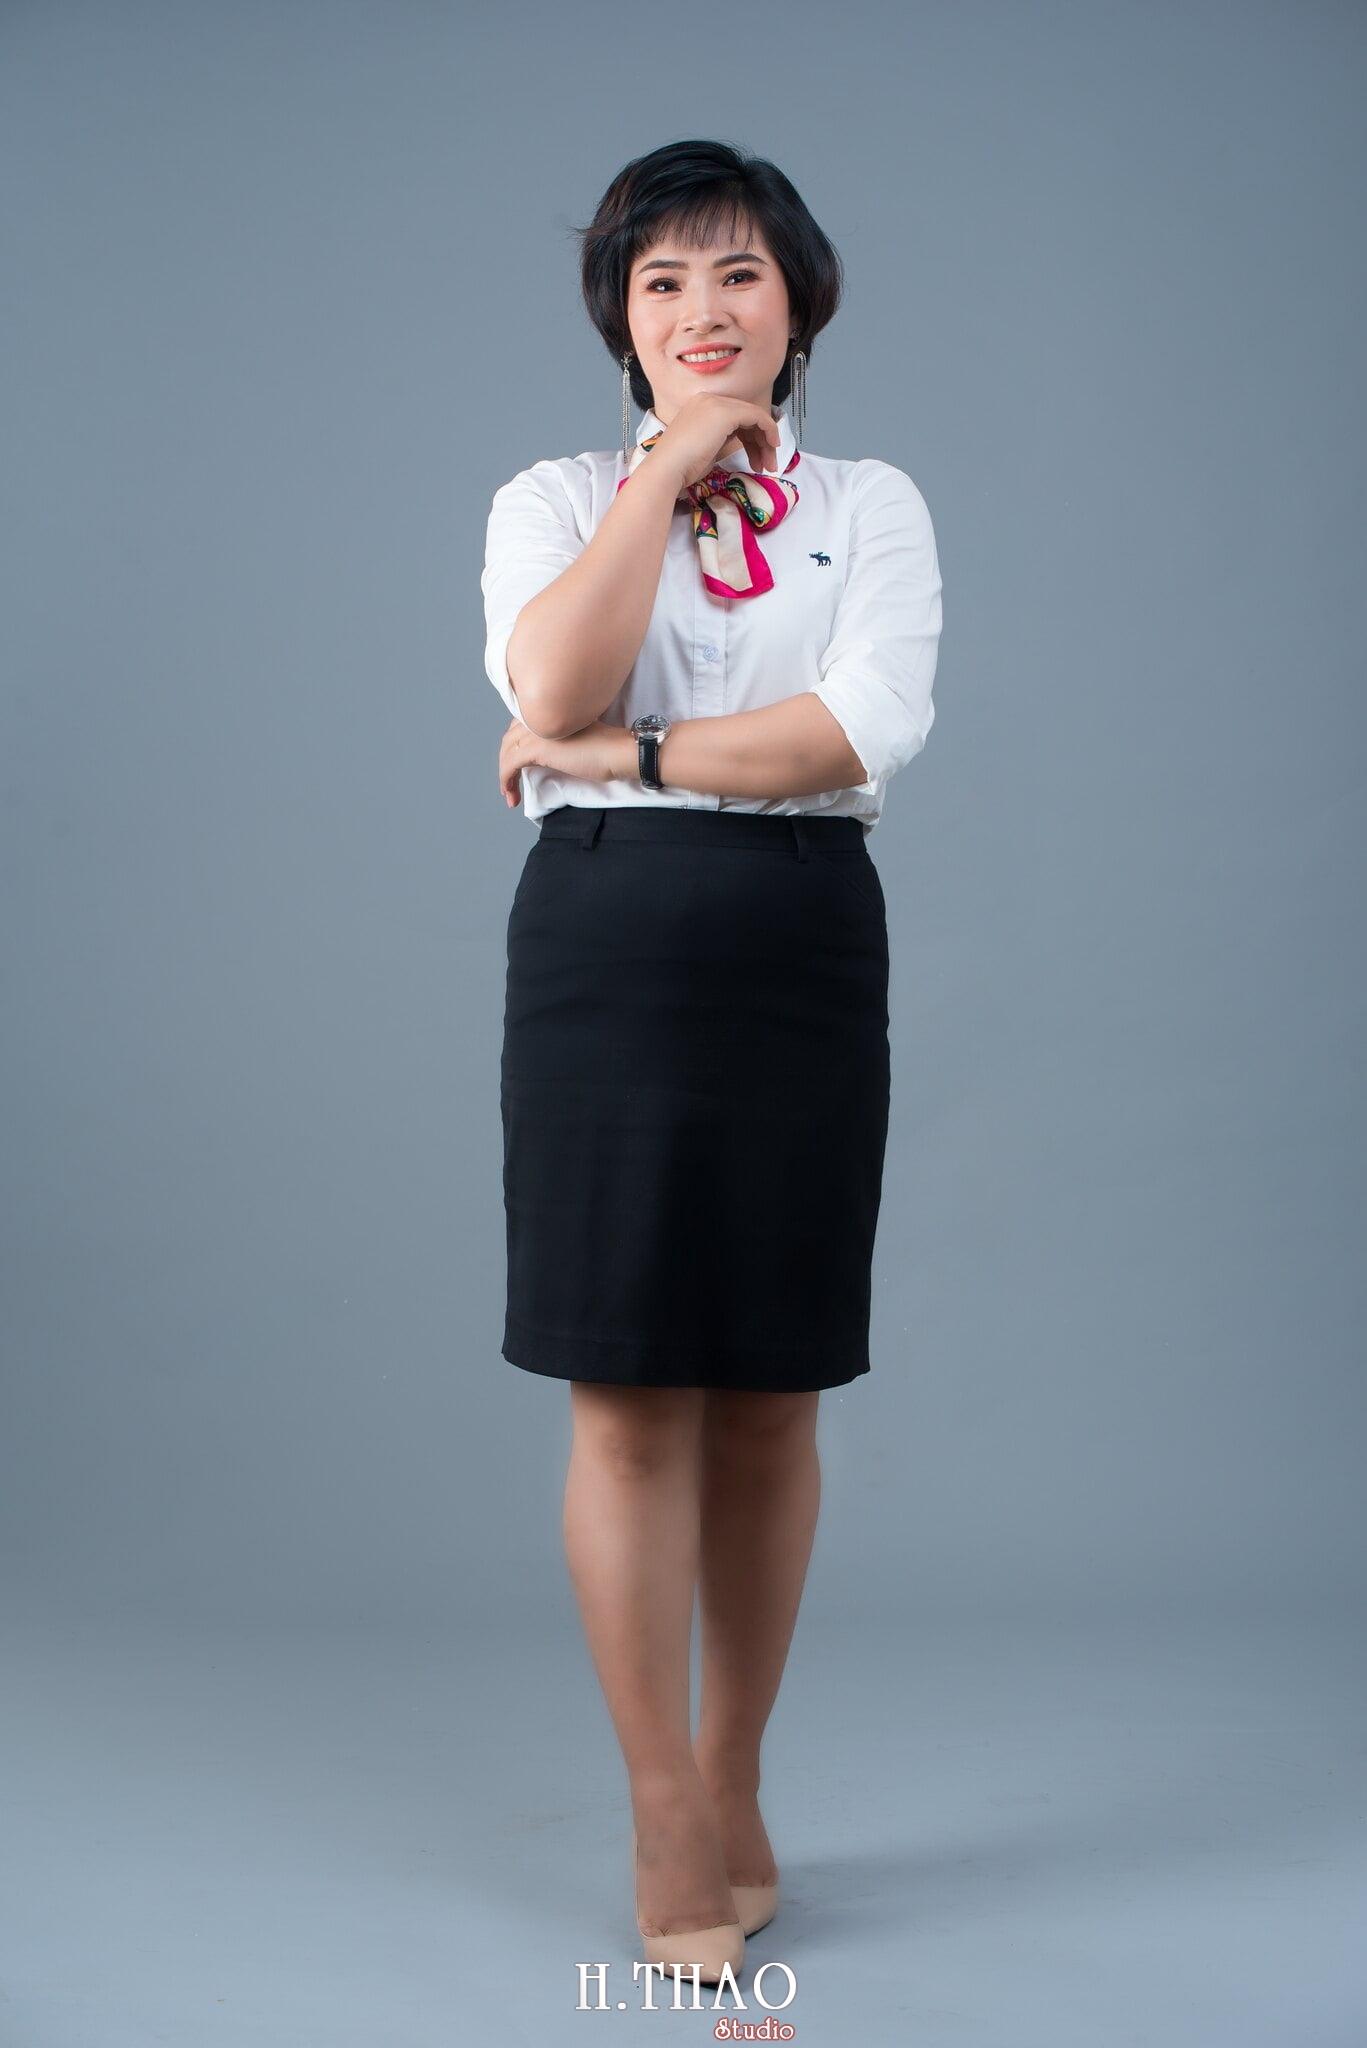 chan dung nghe nghiep 5 - Album ảnh profile cá nhân chị Ny Manulife - HThao Studio